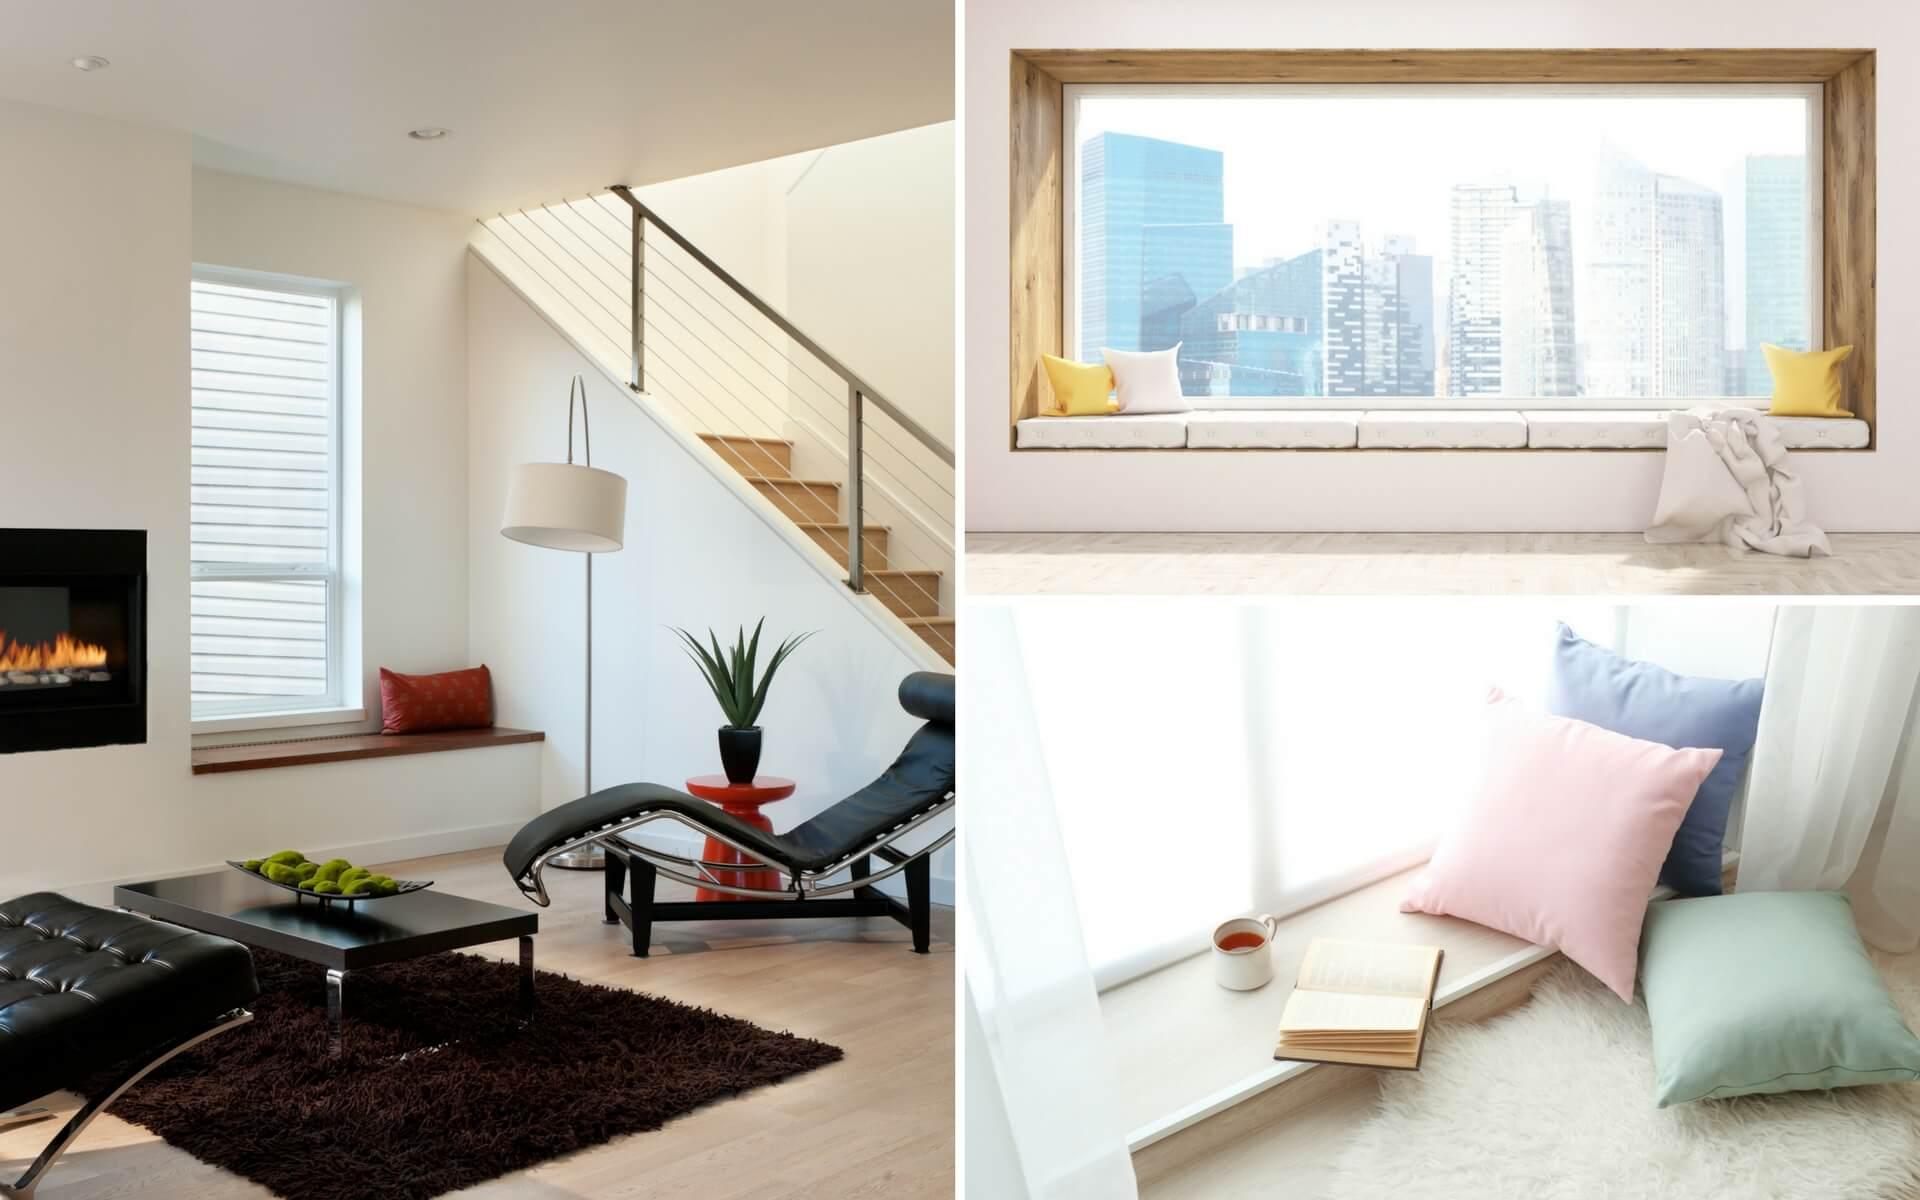 Come sfruttare lo spazio in casa blog oknoplast - La casa con le finestre che ridono ...